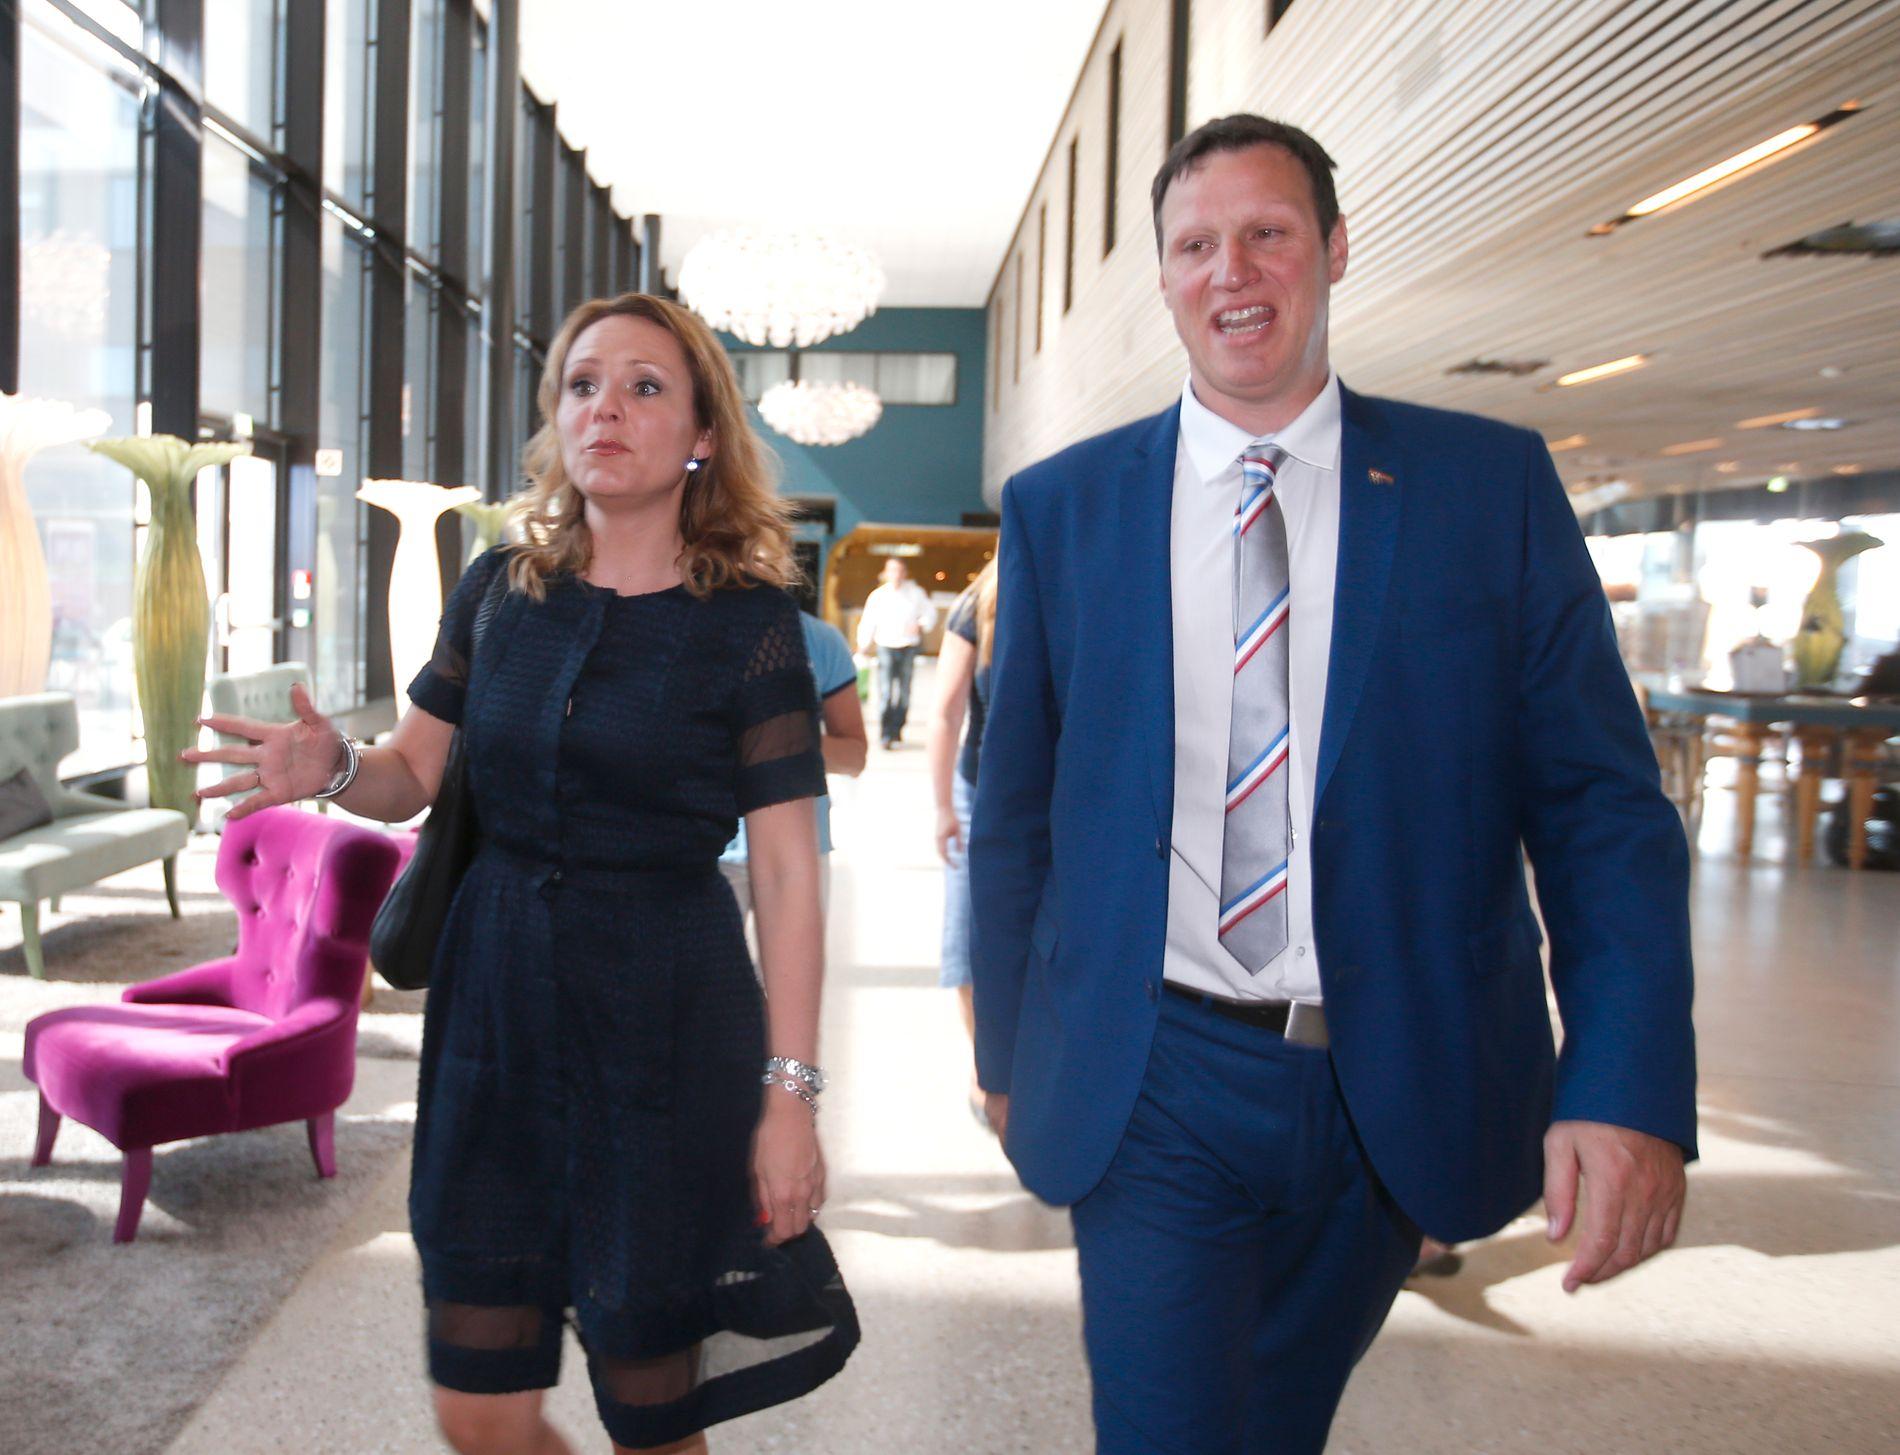 ANSTRENGT: Forholdet mellom kulturminister Linda Hofstad Helleland og idrettspresident Tom Tvedt har vært anspent over tid. Hvordan blir forholdet mellom politikk og idrett dersom Ap overtar nøklene til departementet?